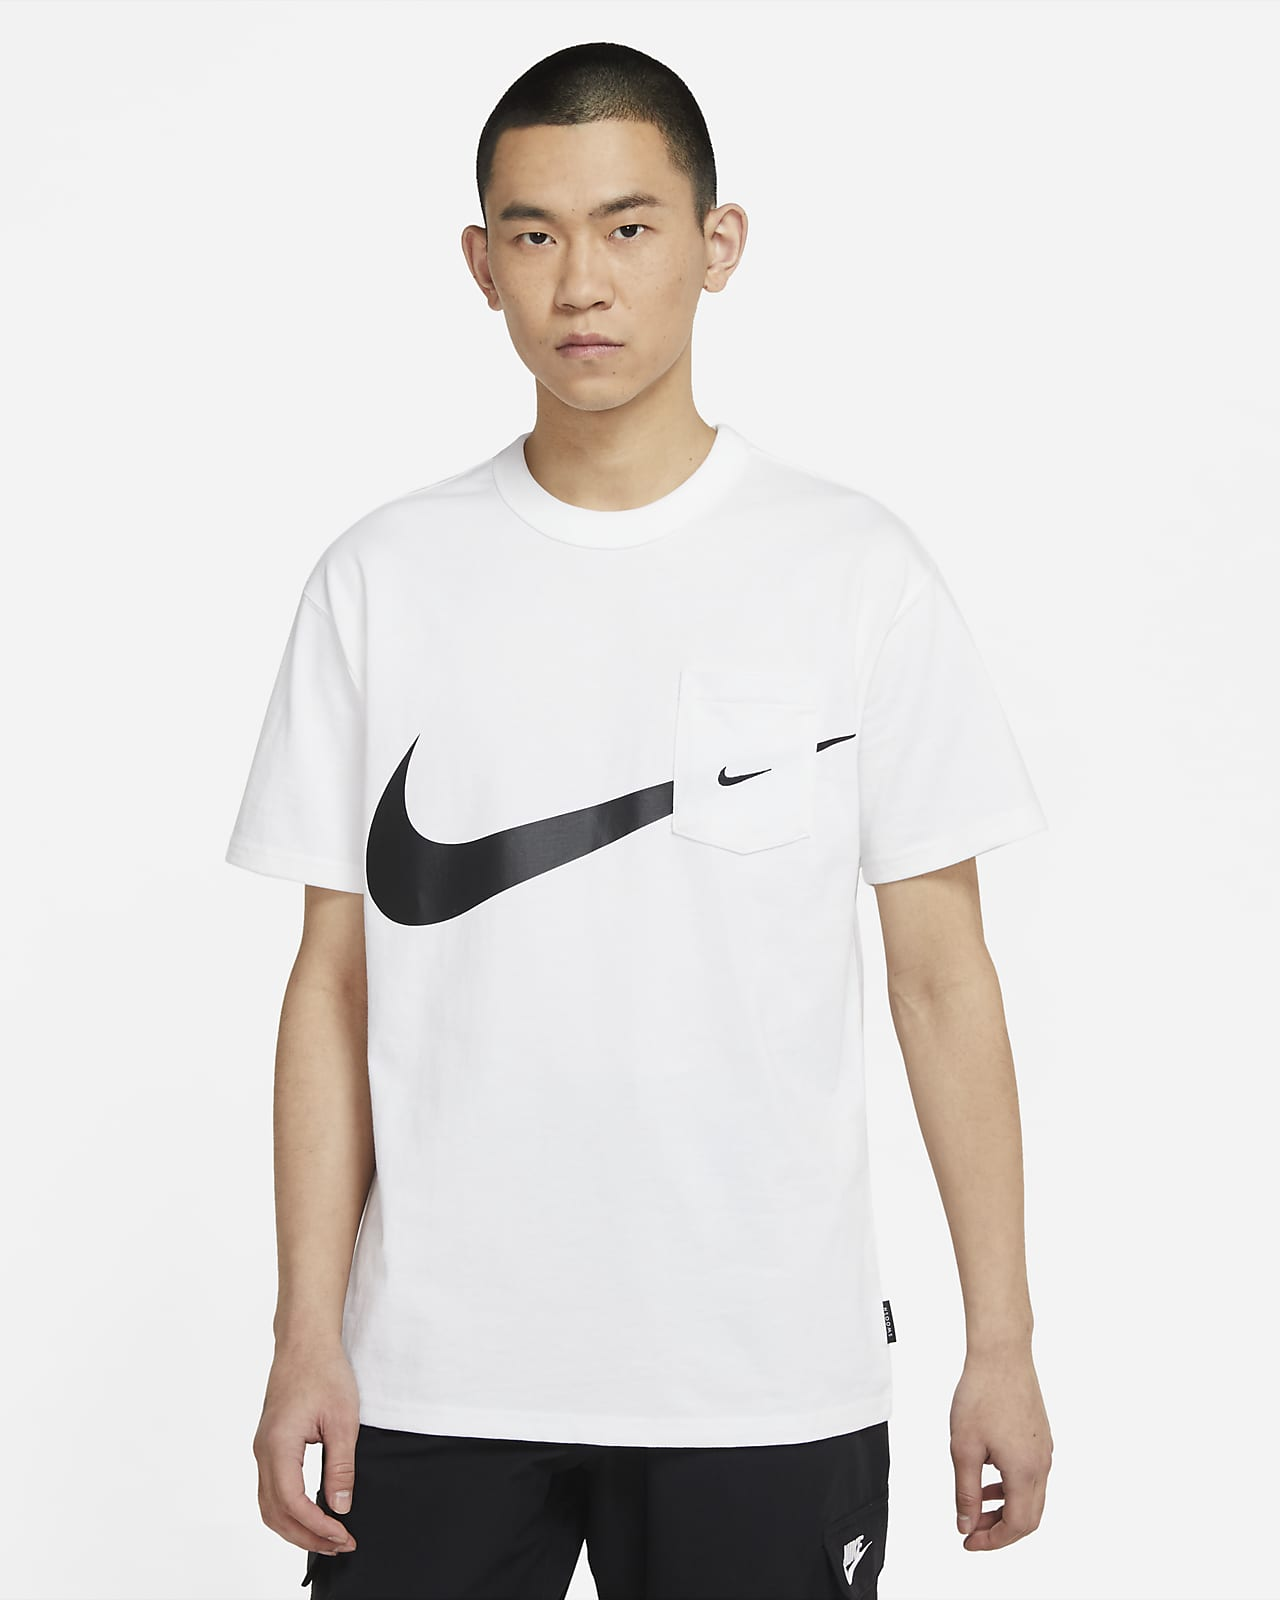 Nike Sportswear Swoosh 男子口袋T恤